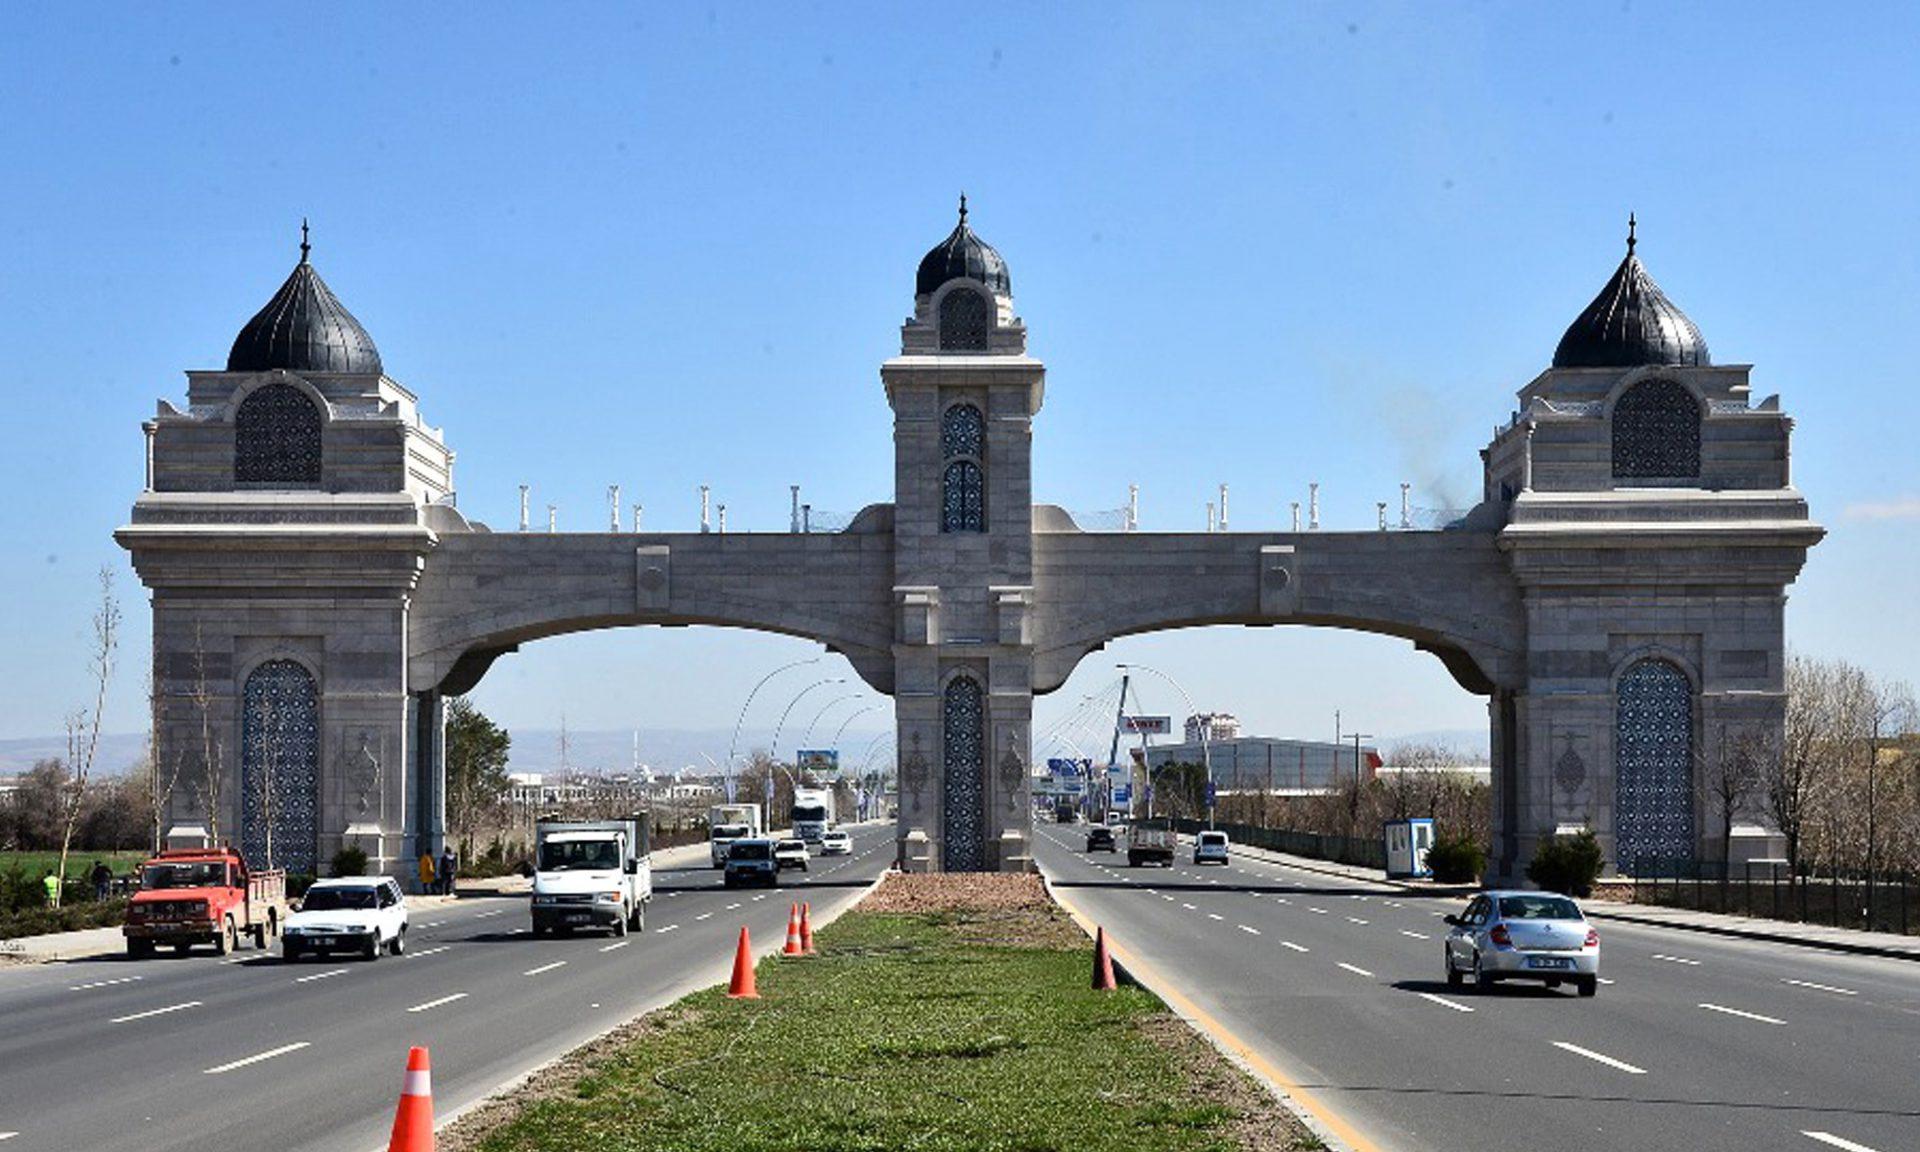 Istanbulisiert. Neu errichtete Stadttore entlang der Erschließungsstraßen.